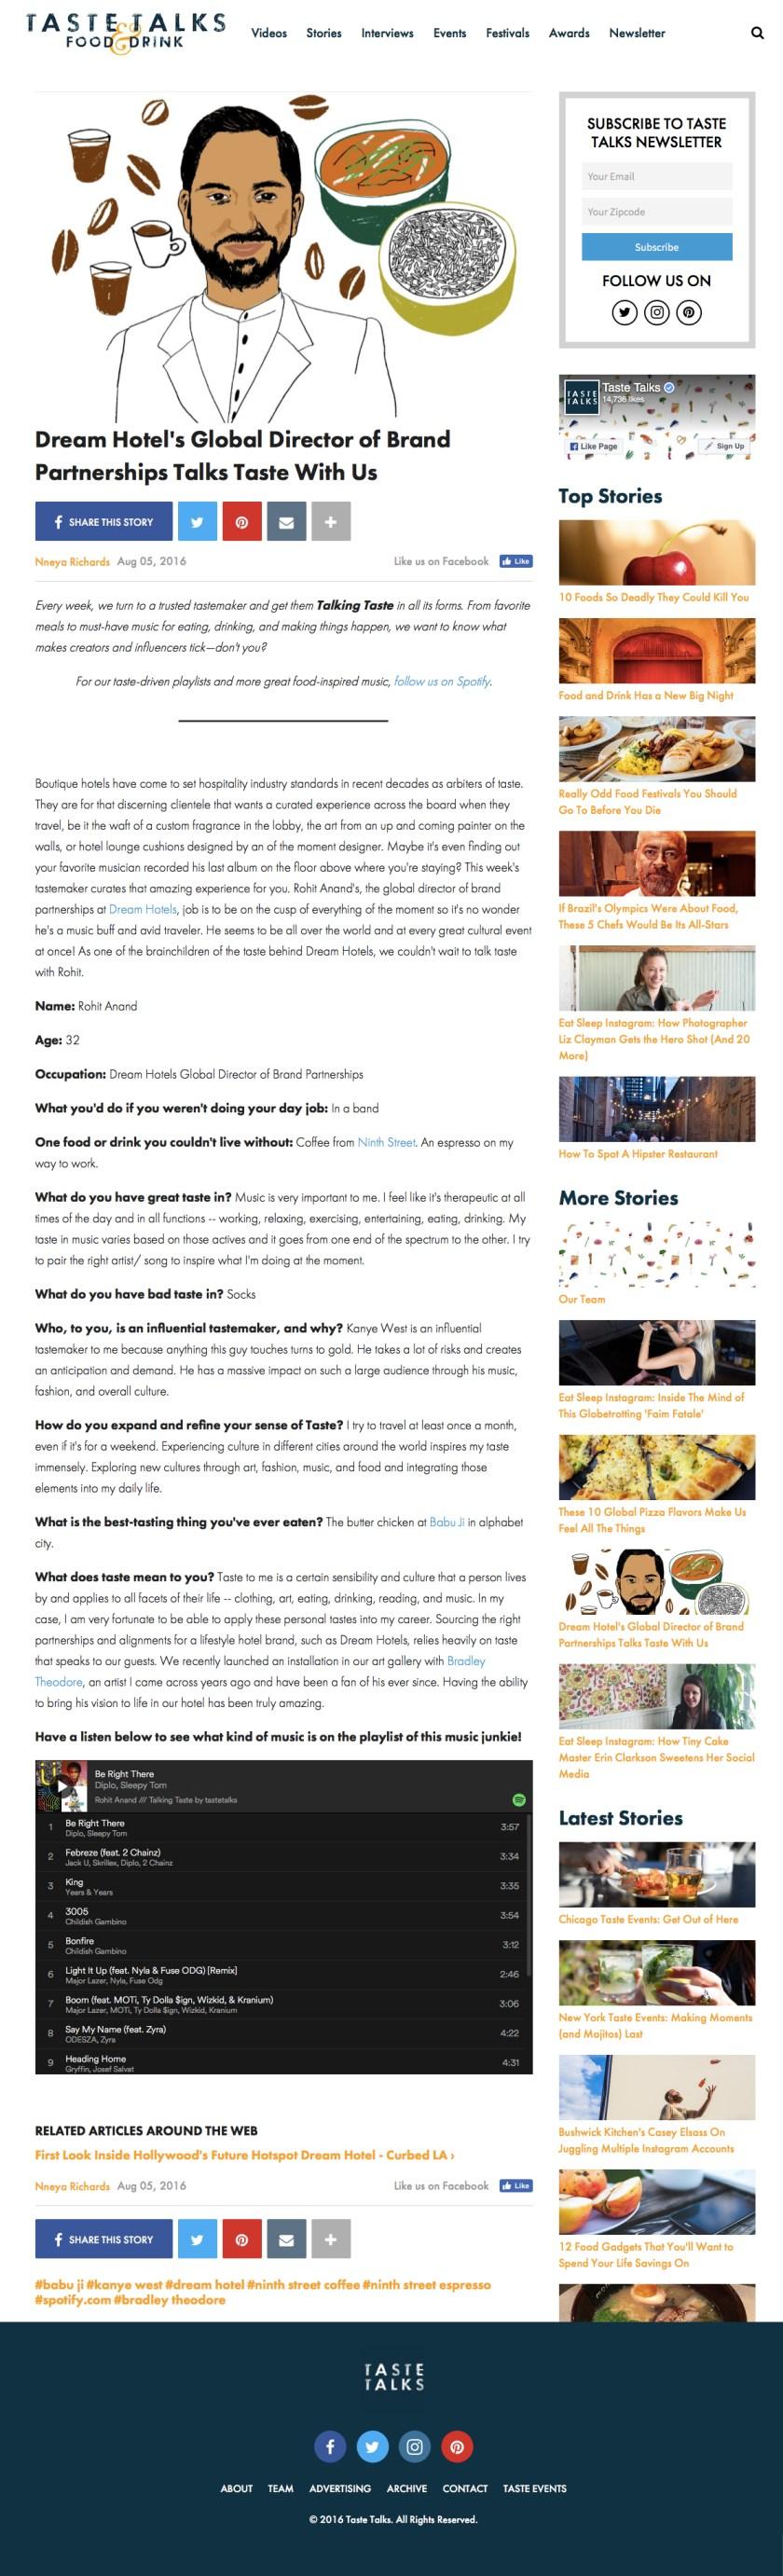 TasteTalks.com - 8.5.16 - Rohit Anand